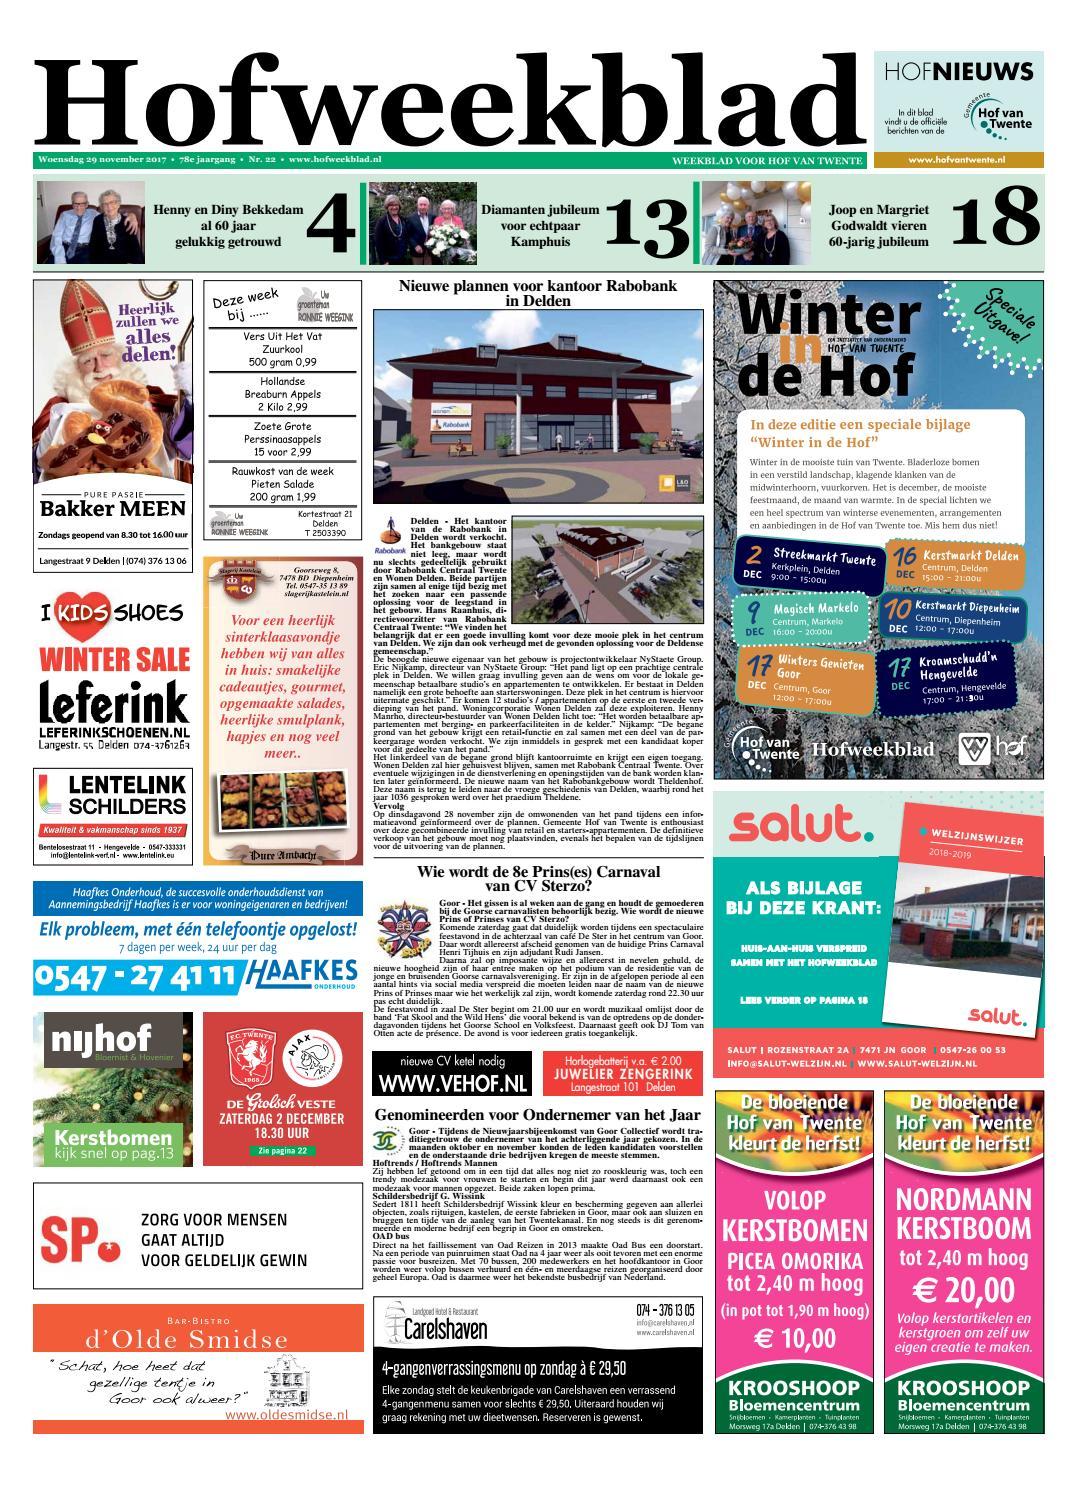 ed91c8f1ad2 Hofweekblad week 48 17 by Regionale Uitgeversgroep - issuu